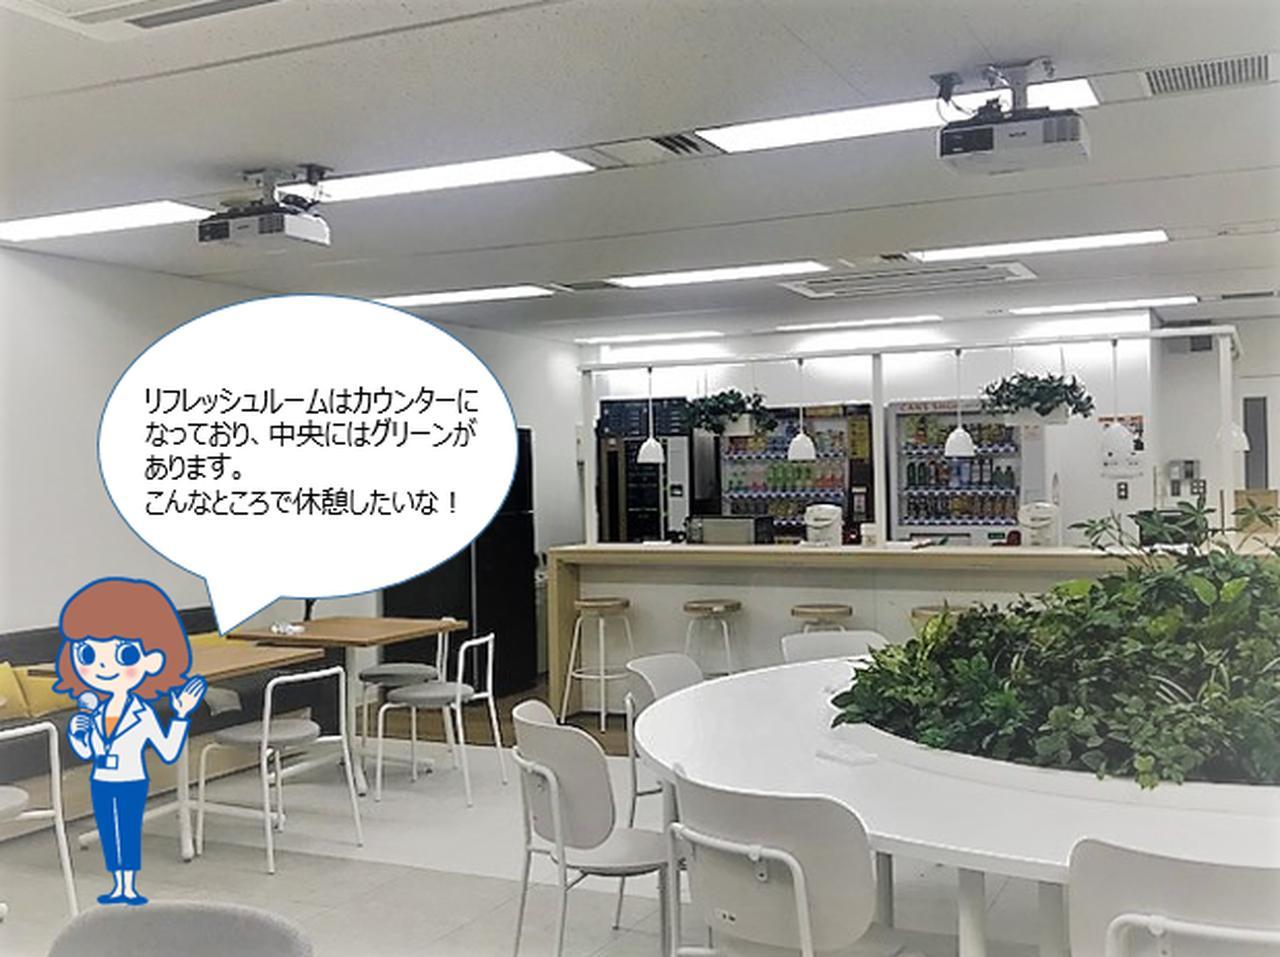 画像2: 白を基調とした清潔感溢れるエントランス・リフレッシュルーム